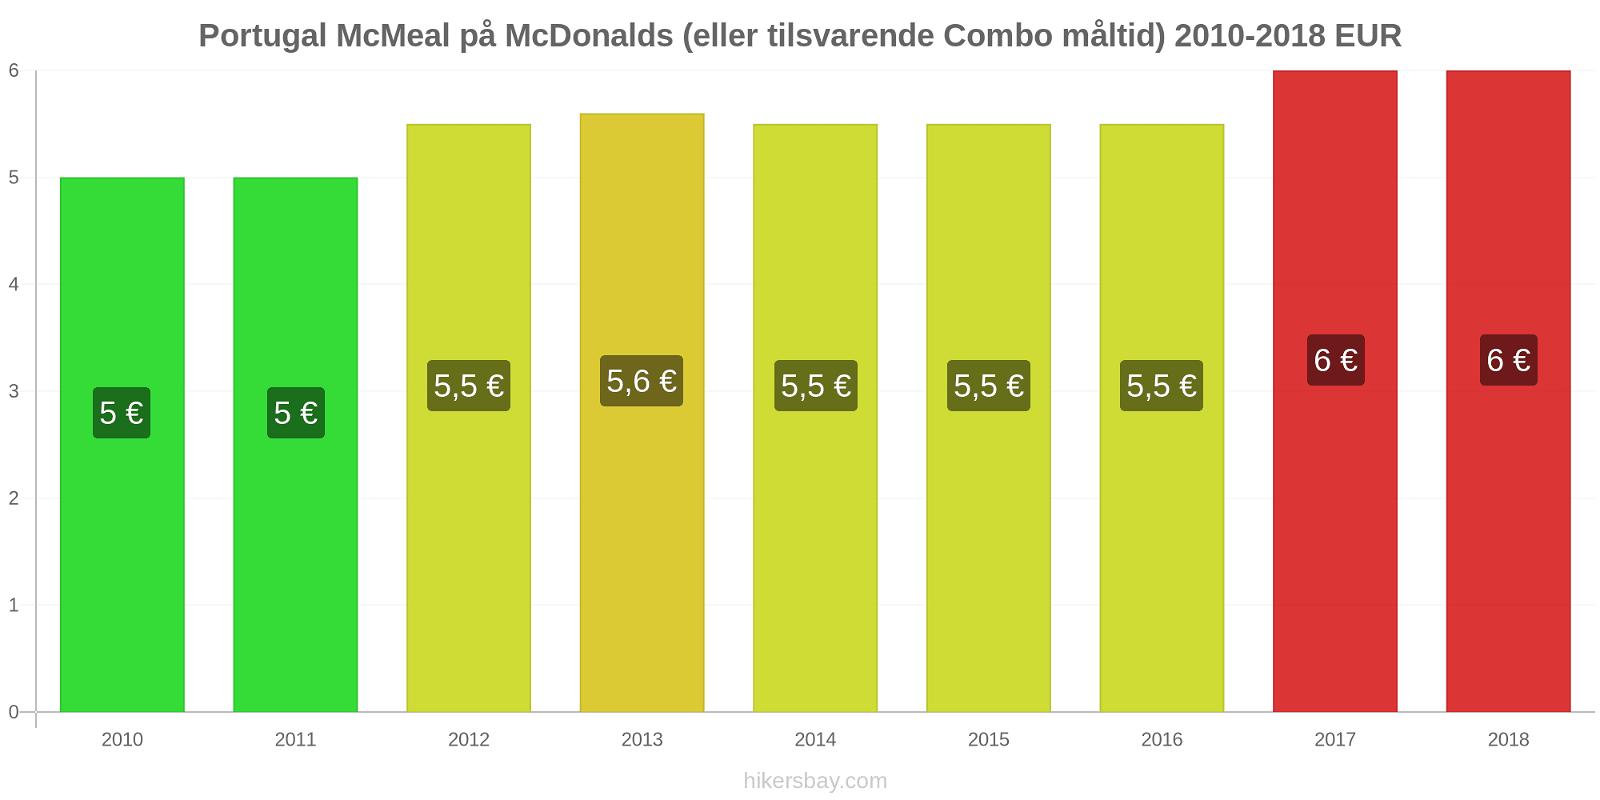 Portugal prisændringer McMeal på McDonalds (eller tilsvarende Combo måltid) hikersbay.com